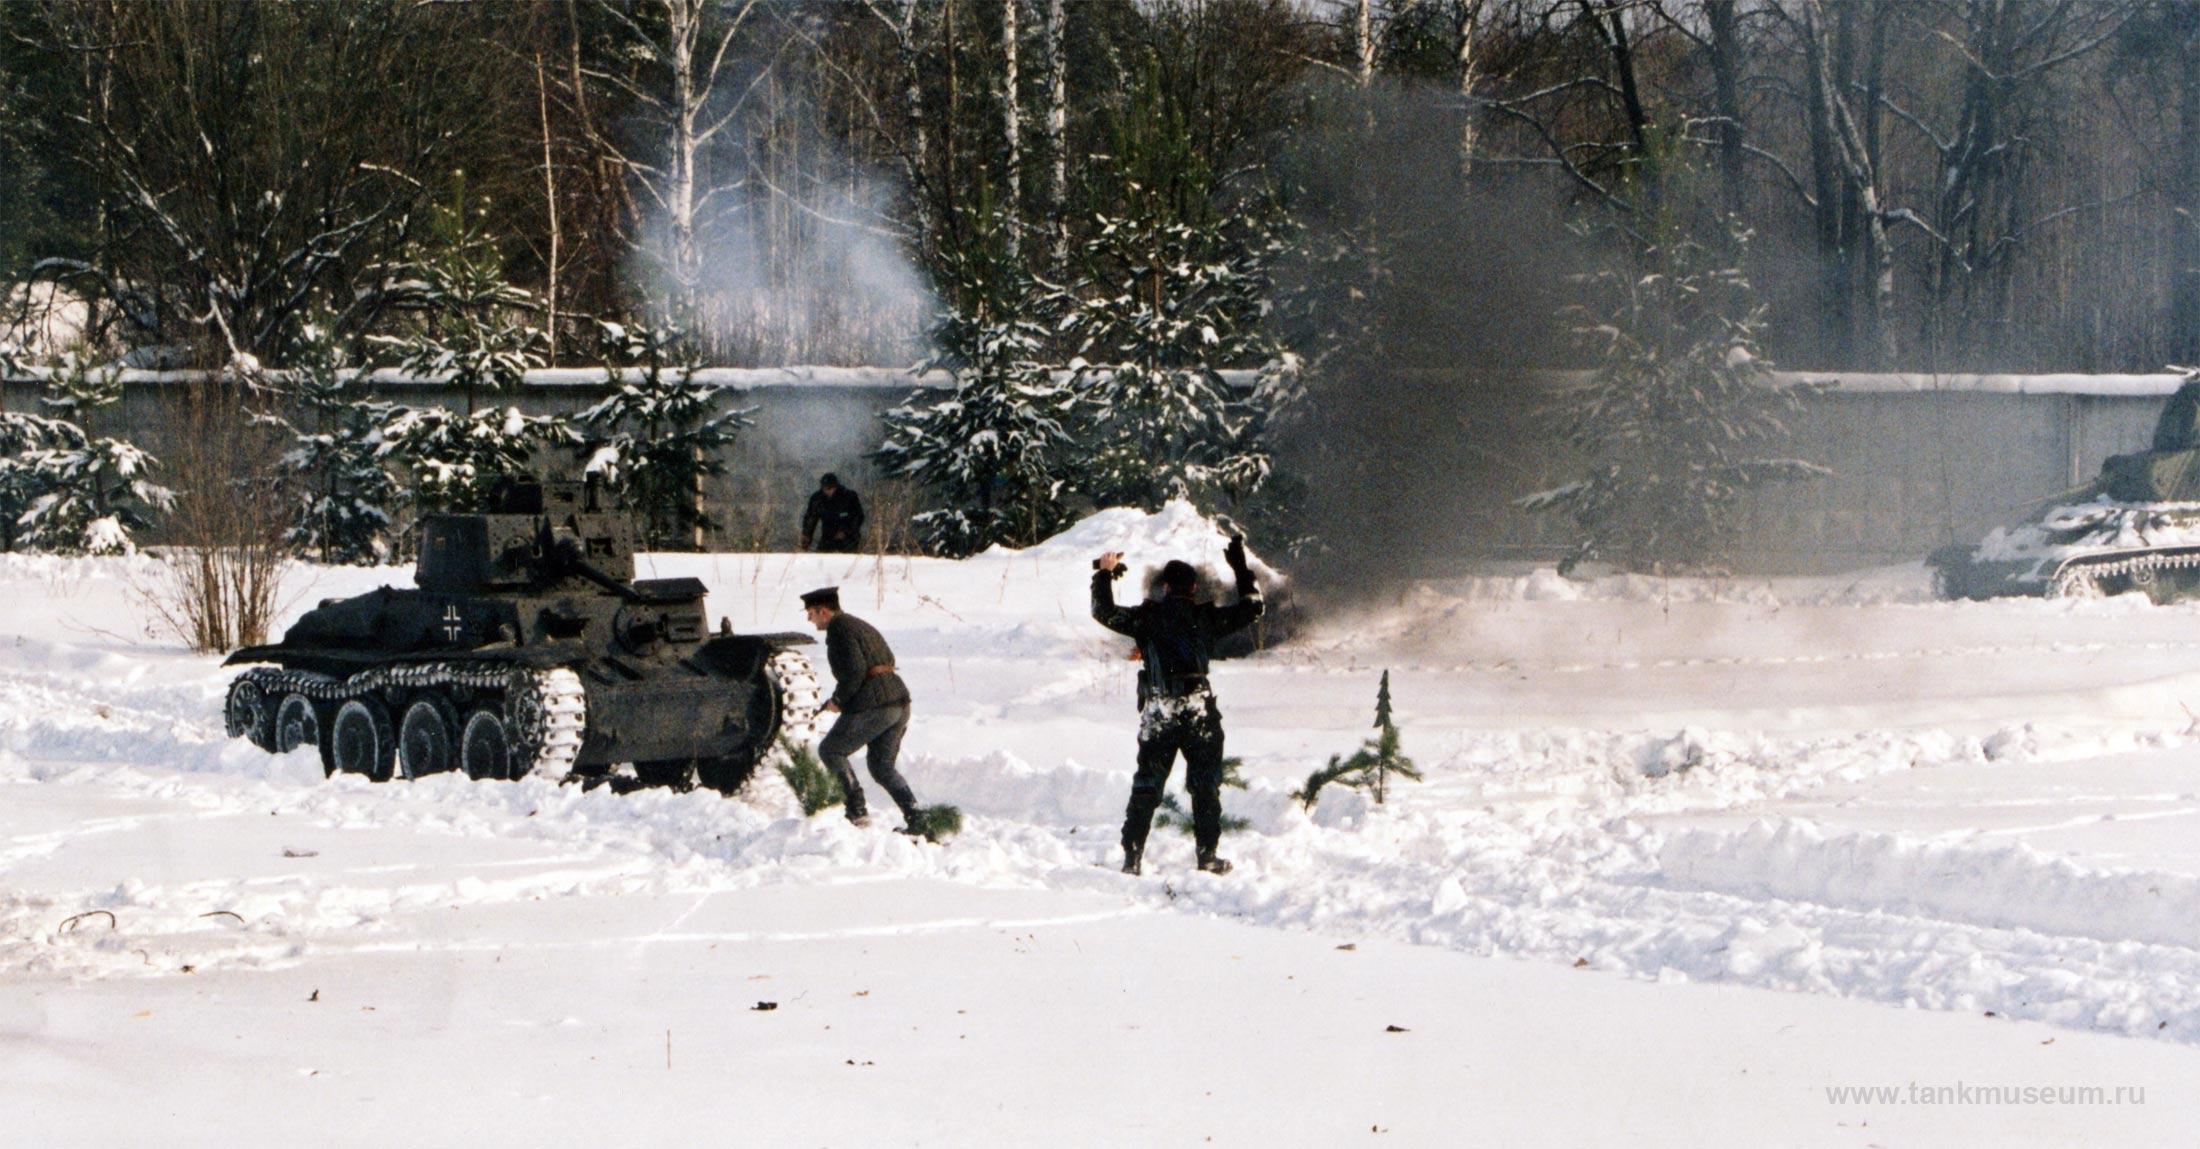 23 февраля 2005 г. Танковый музей, День защитника Отечества